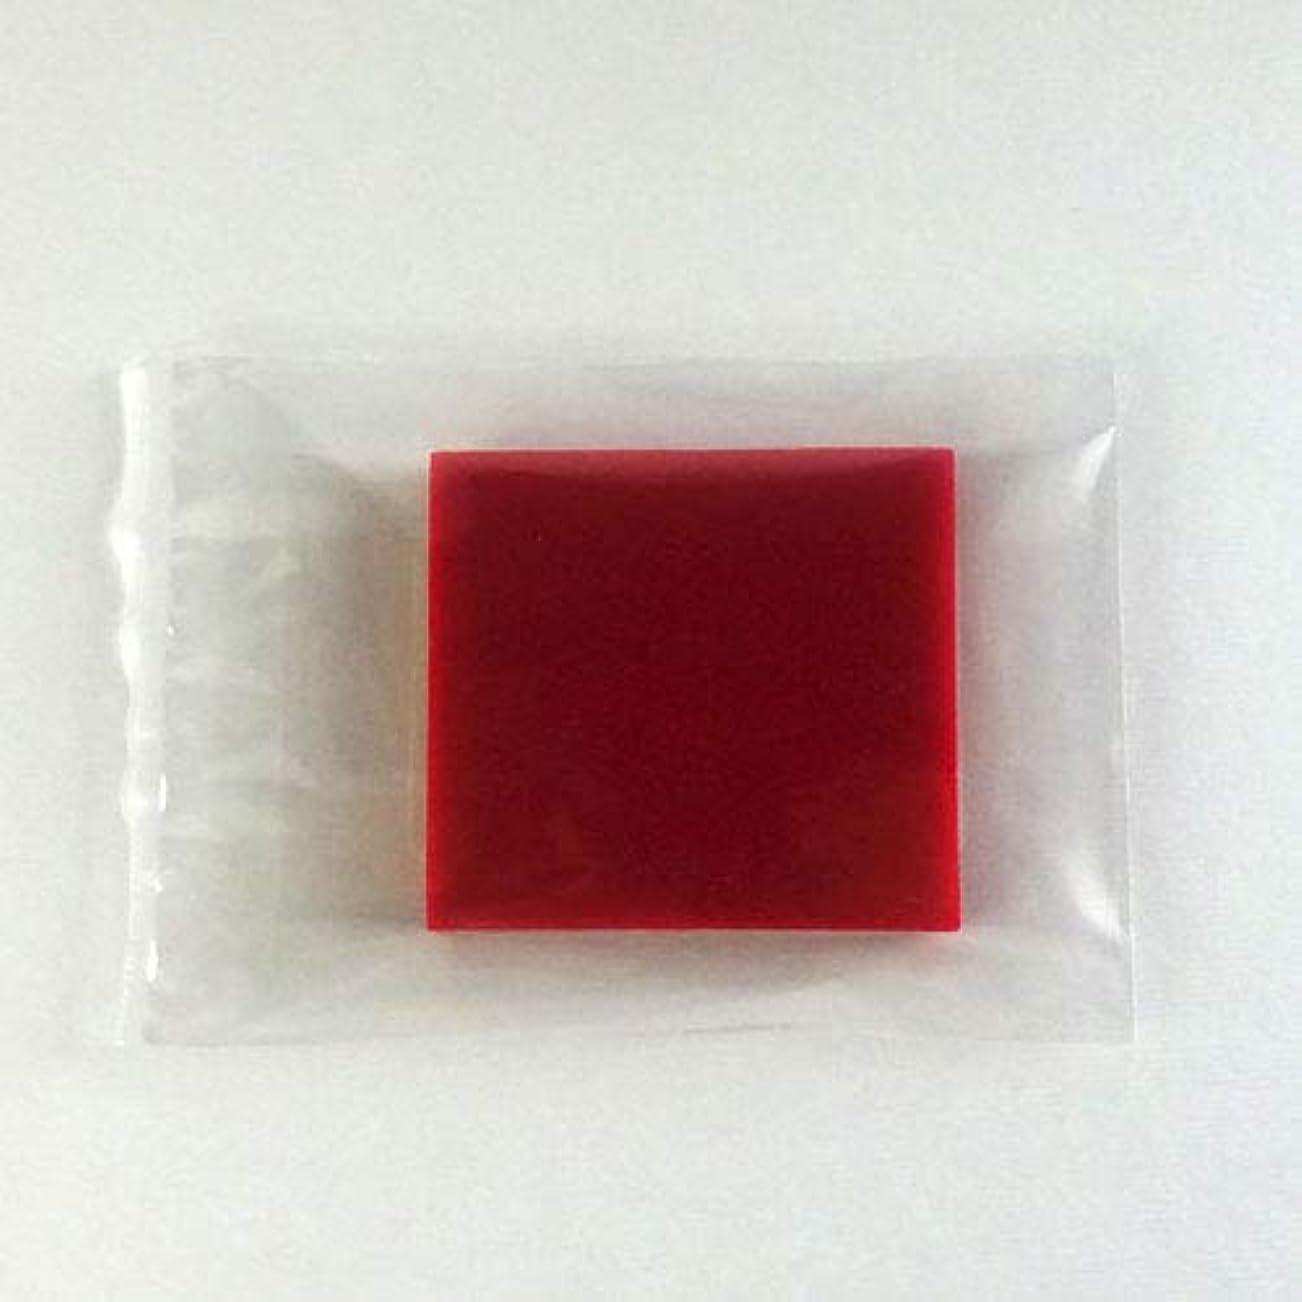 正統派玉資産グリセリンソープ MPソープ 色チップ 赤(レッド) 120g(30g x 4pc)